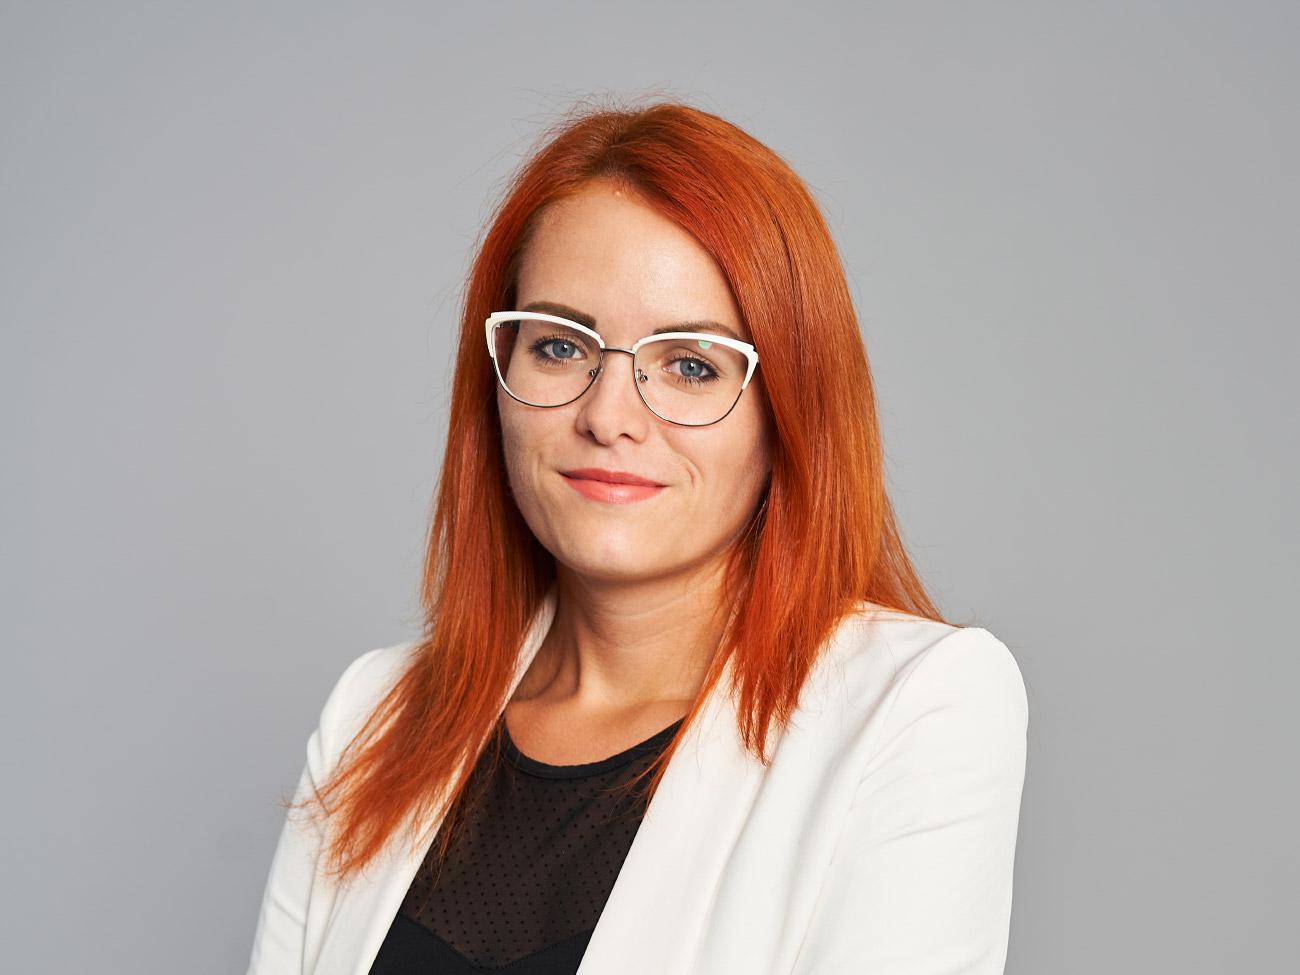 Ing. Soňa Činčalová